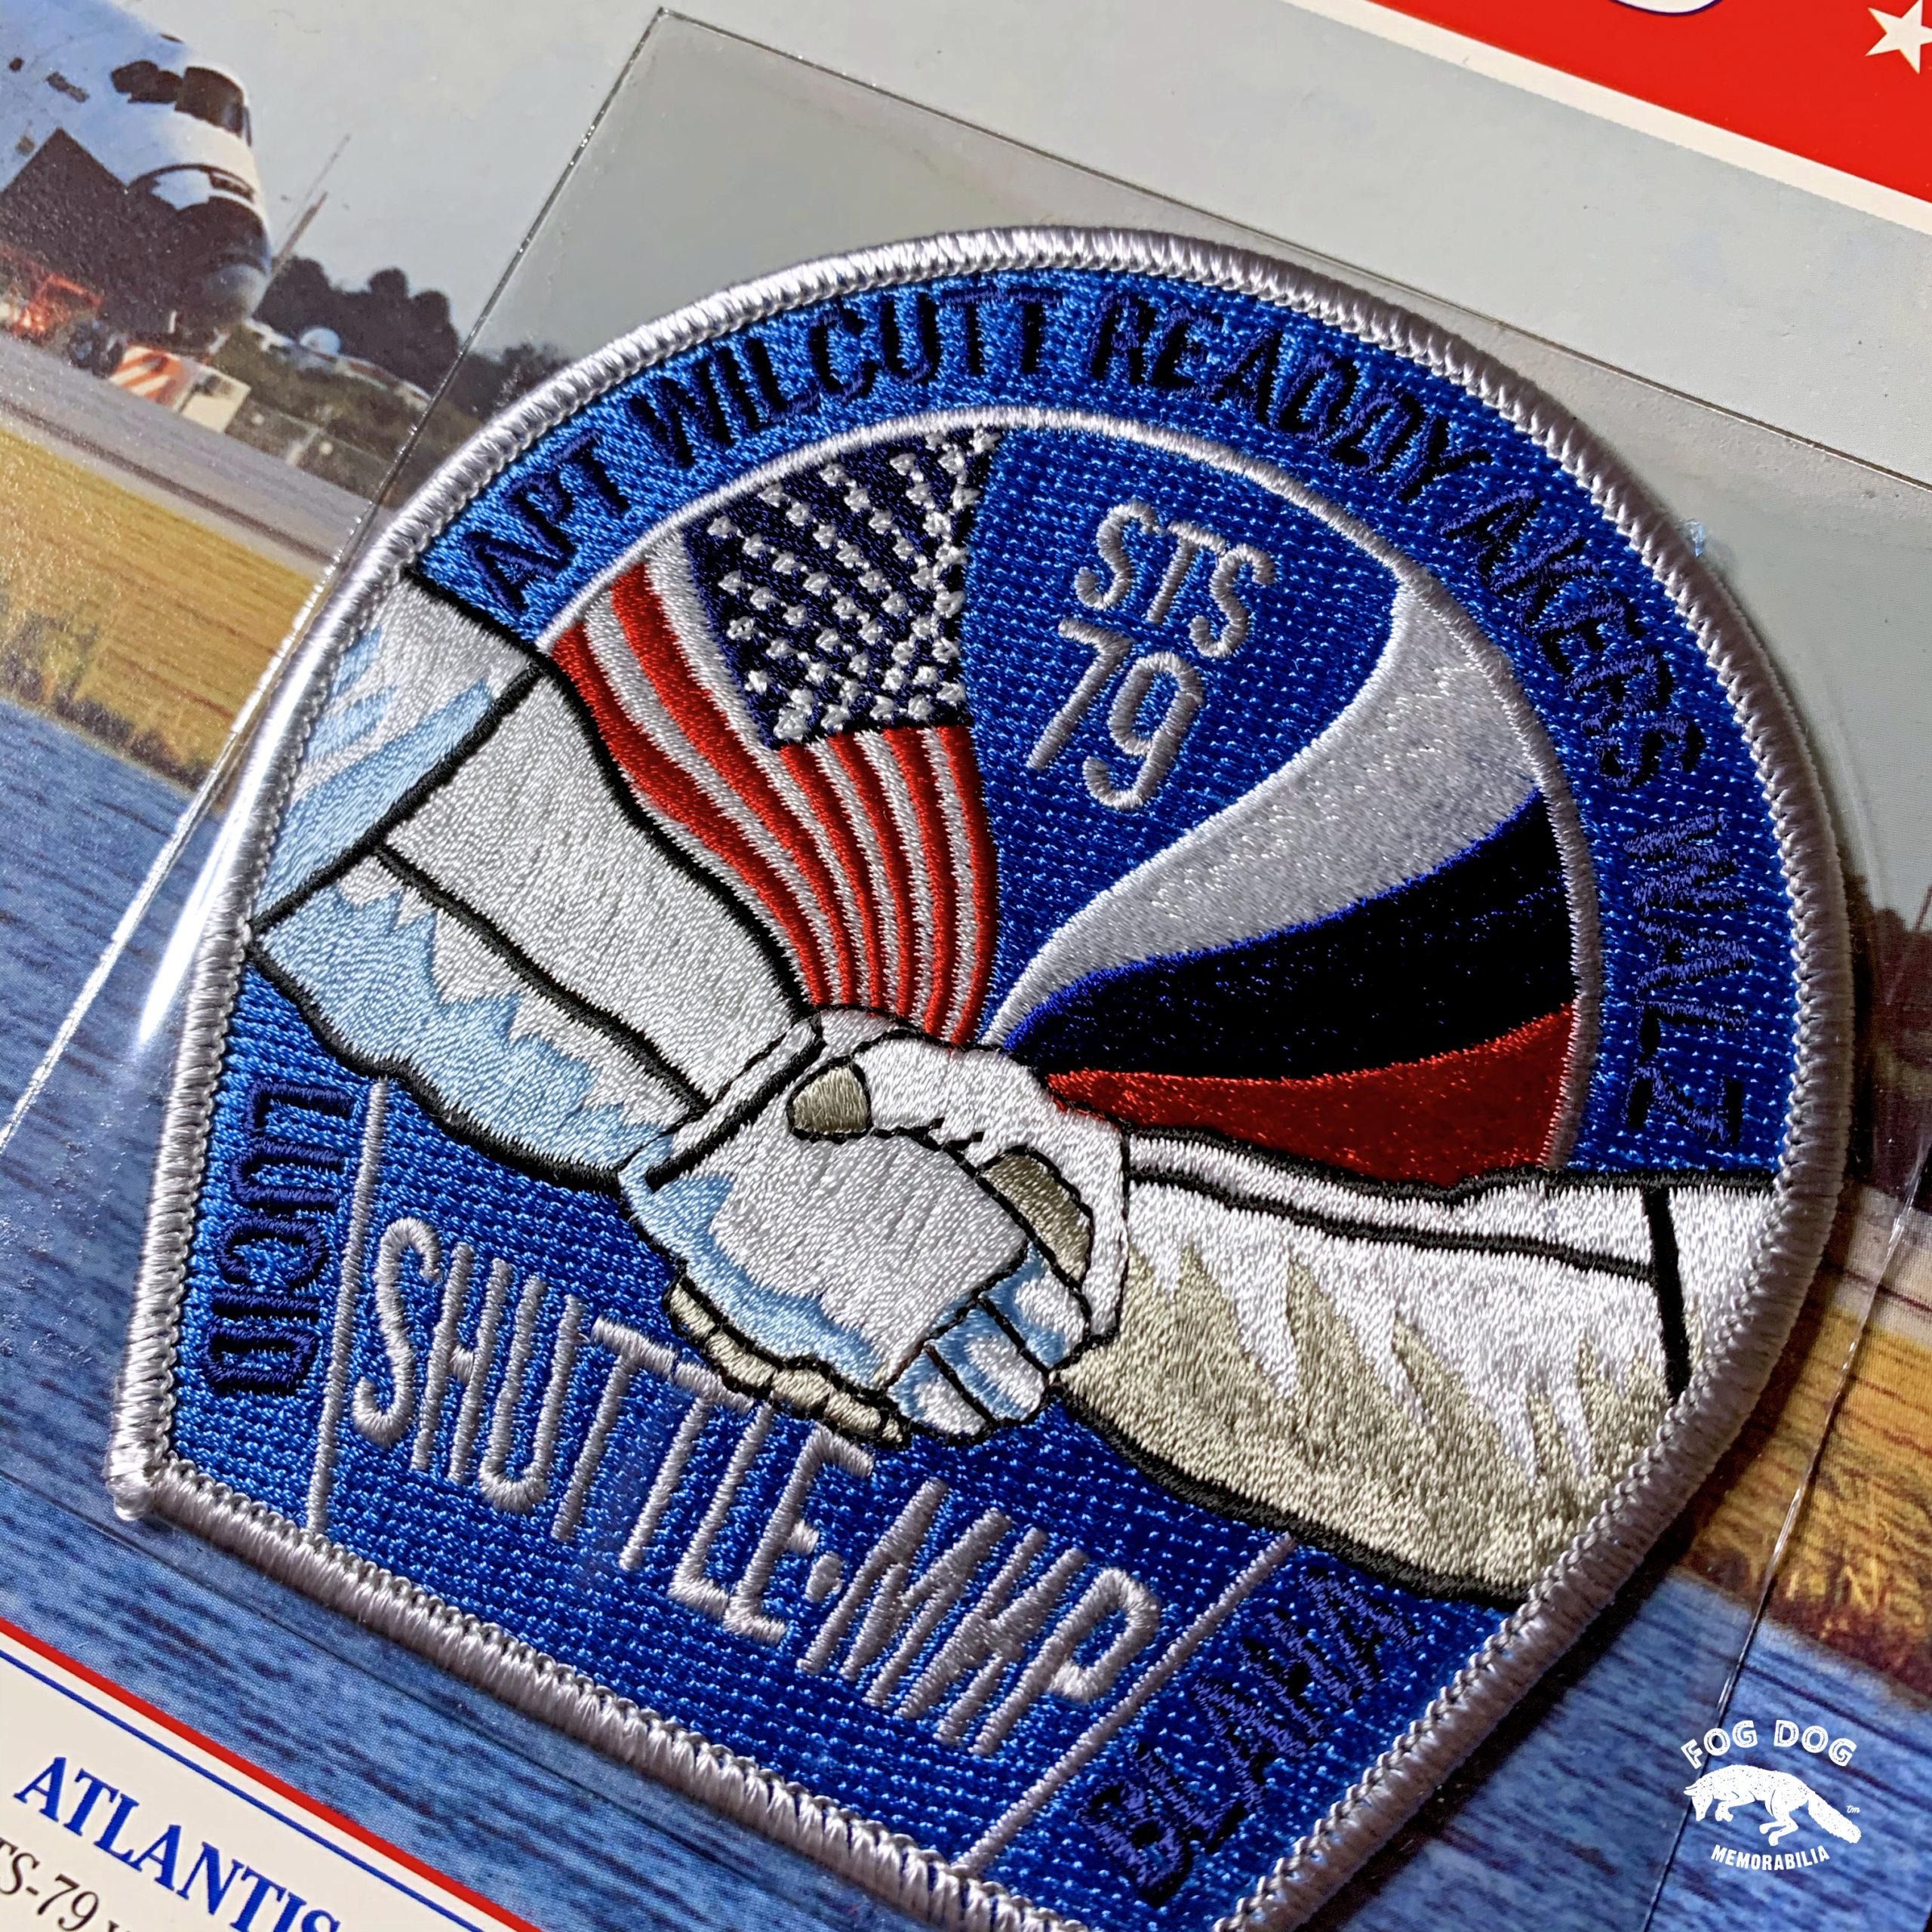 Oficiální textilní nášivka NASA - ATLANTIS STS-79